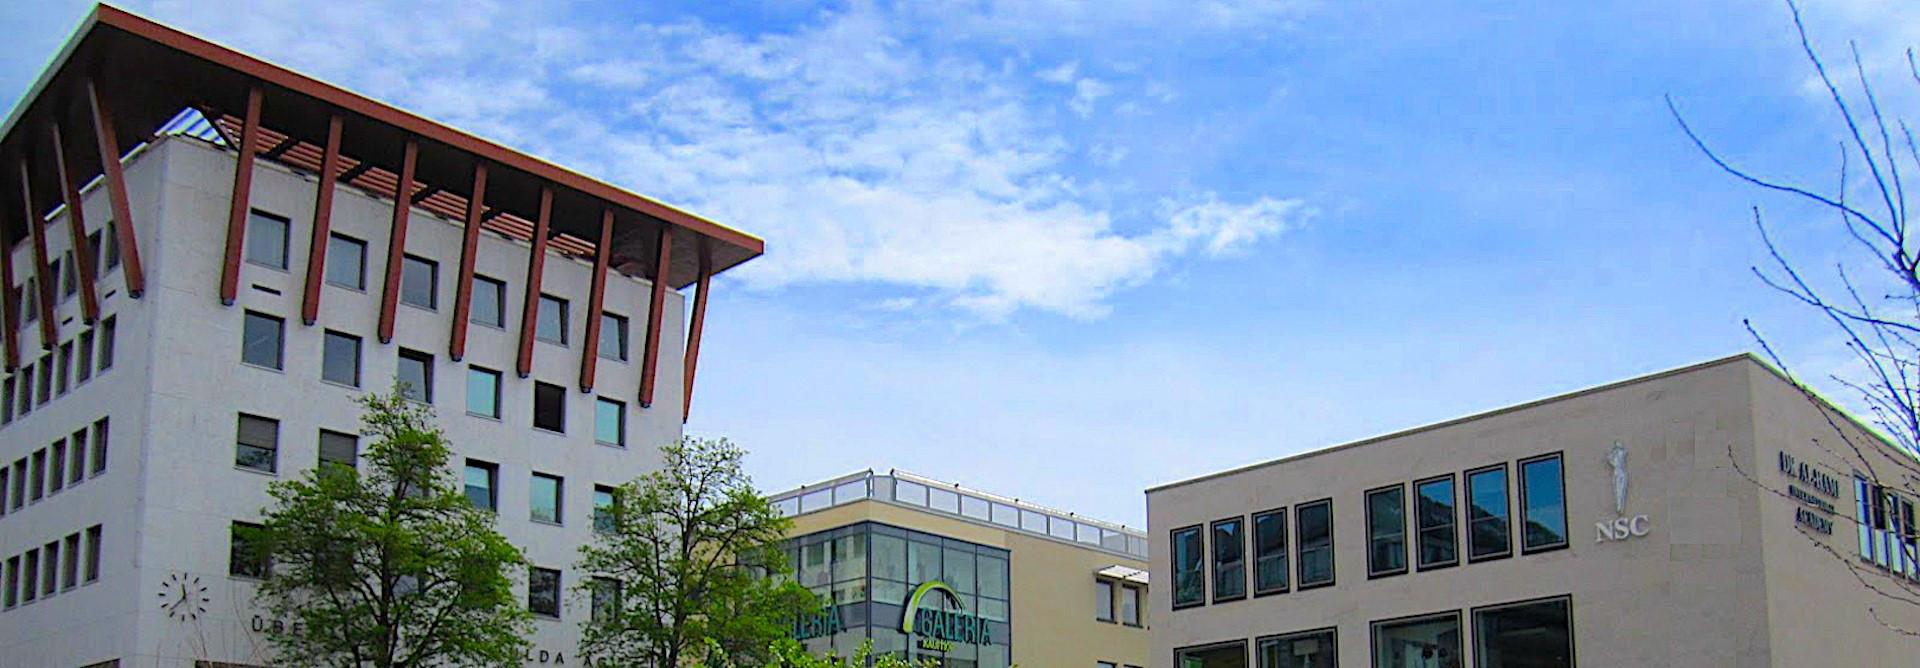 Standort Fulda